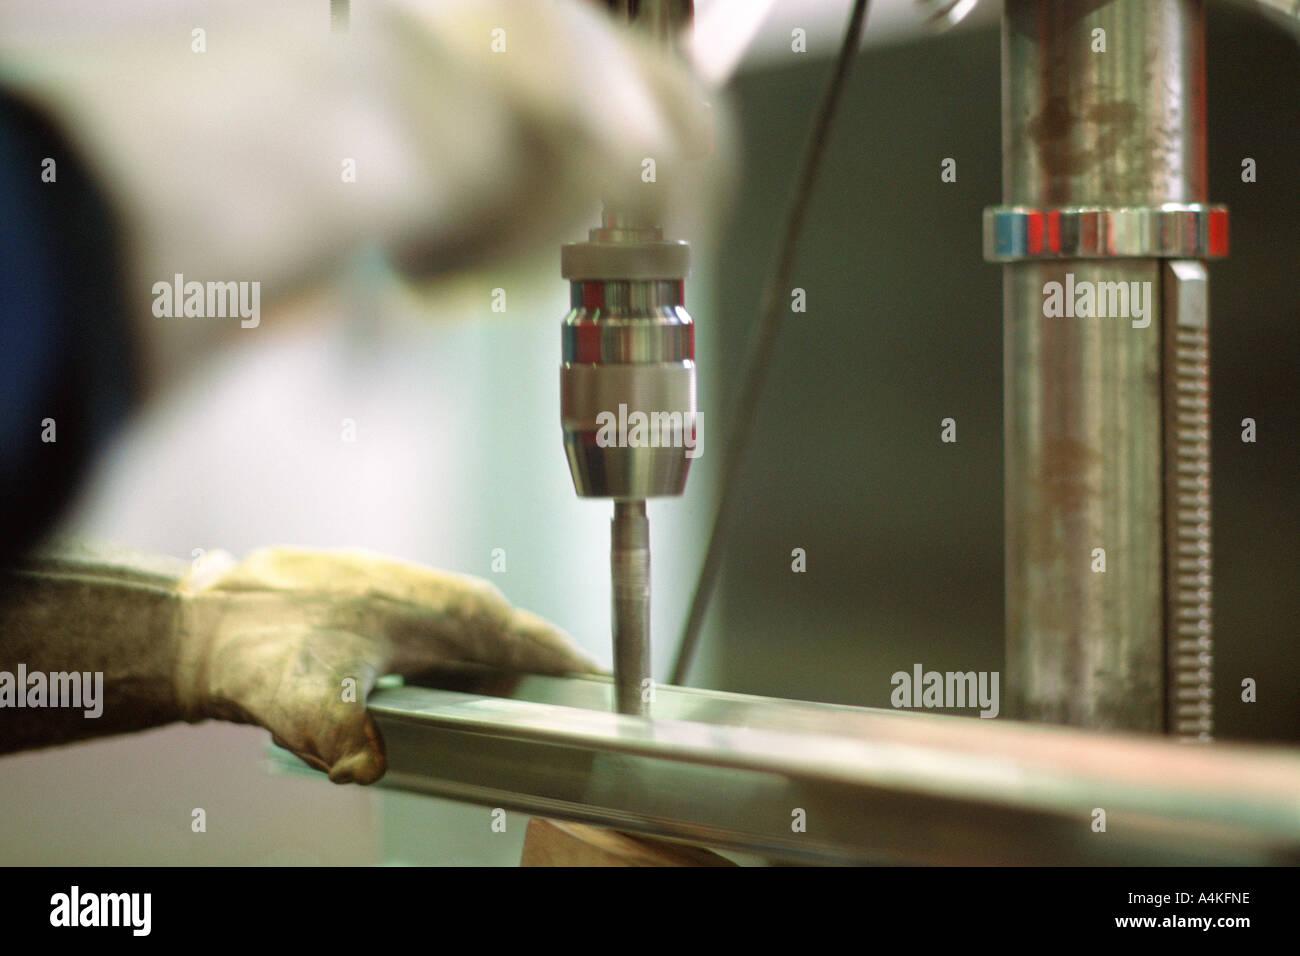 Drilling aluminum - Stock Image